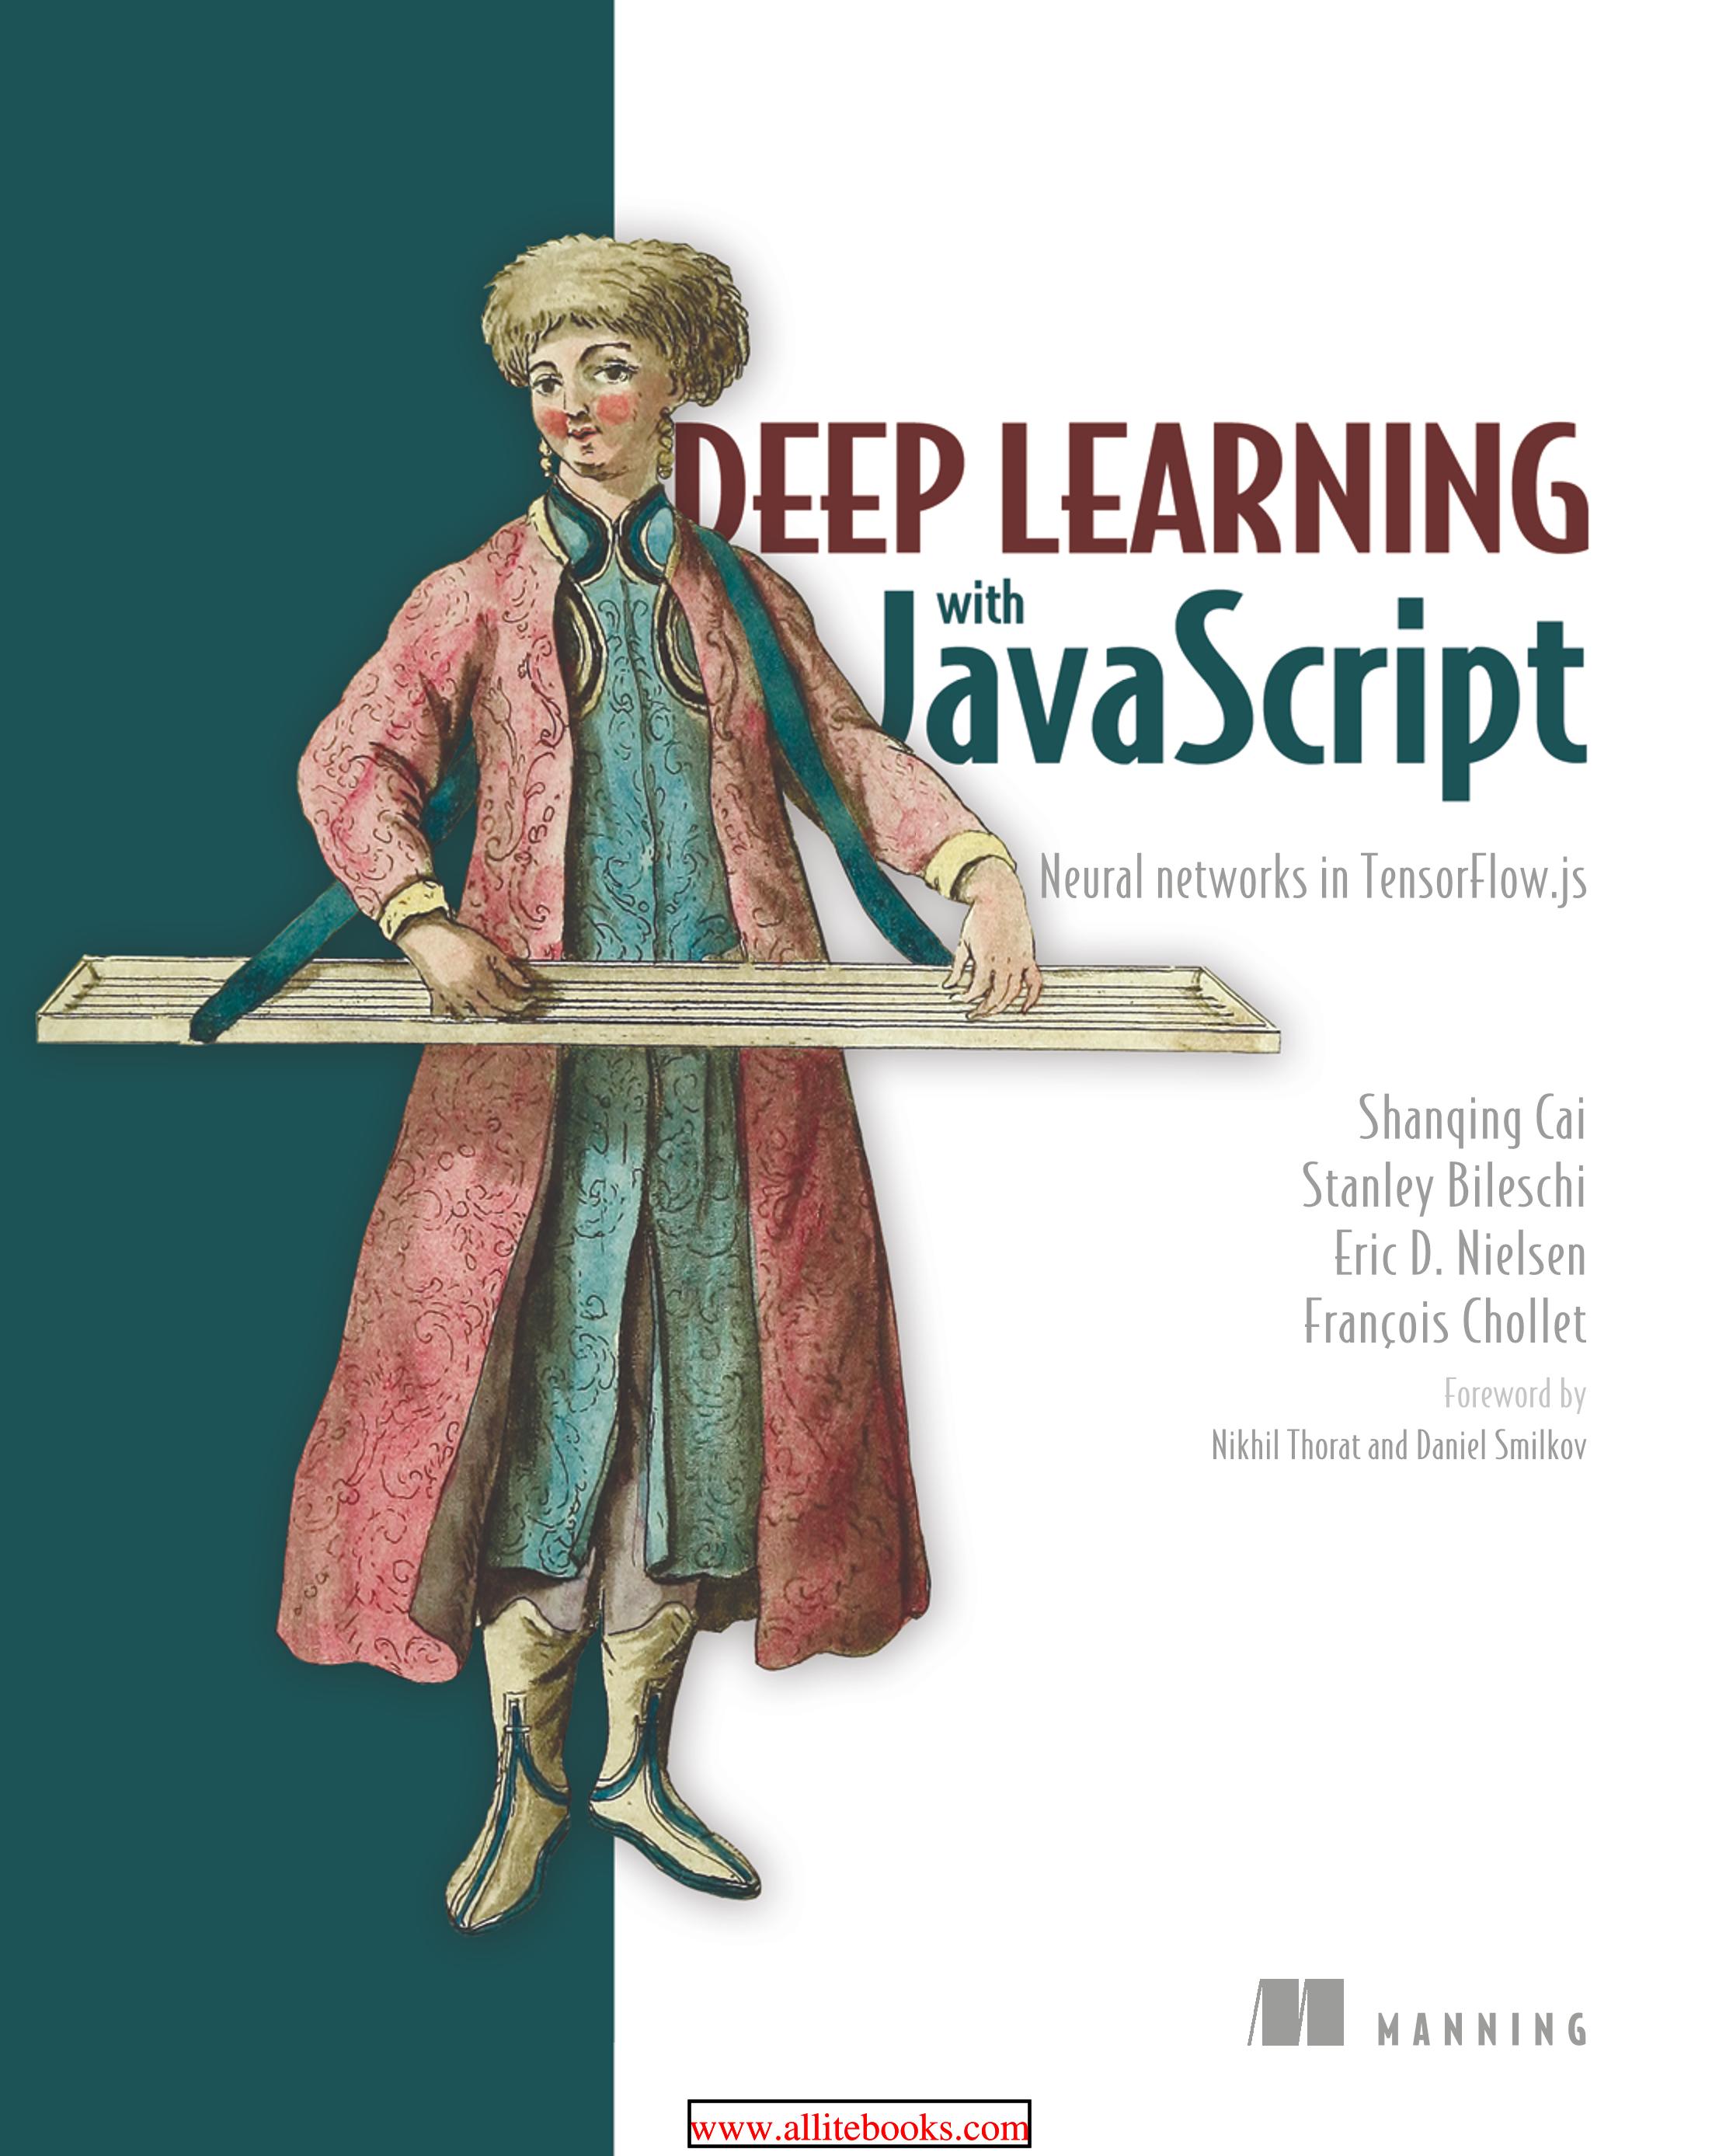 【2020新书】JavaScript神经网络在TensorFlow.js中的深度学习,561页pdf